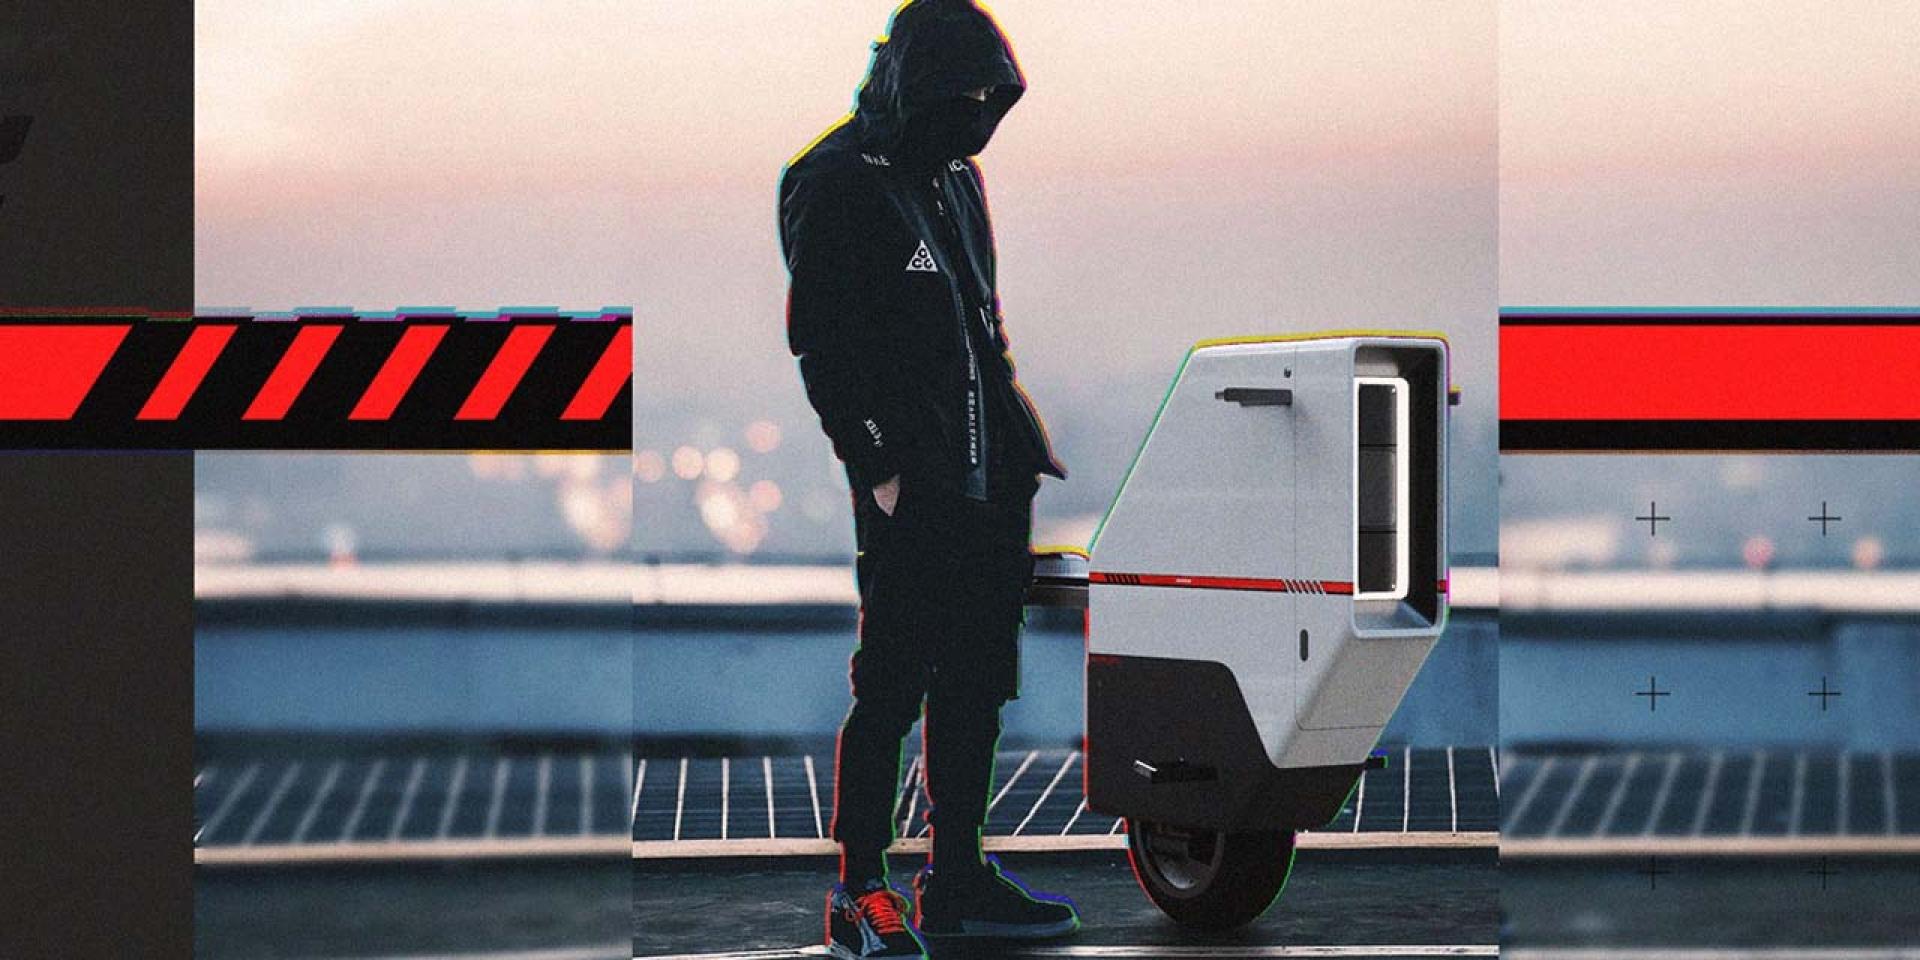 重新定義未來移動 ! 來自西班牙設計師的 Honda Baiku 概念電動車